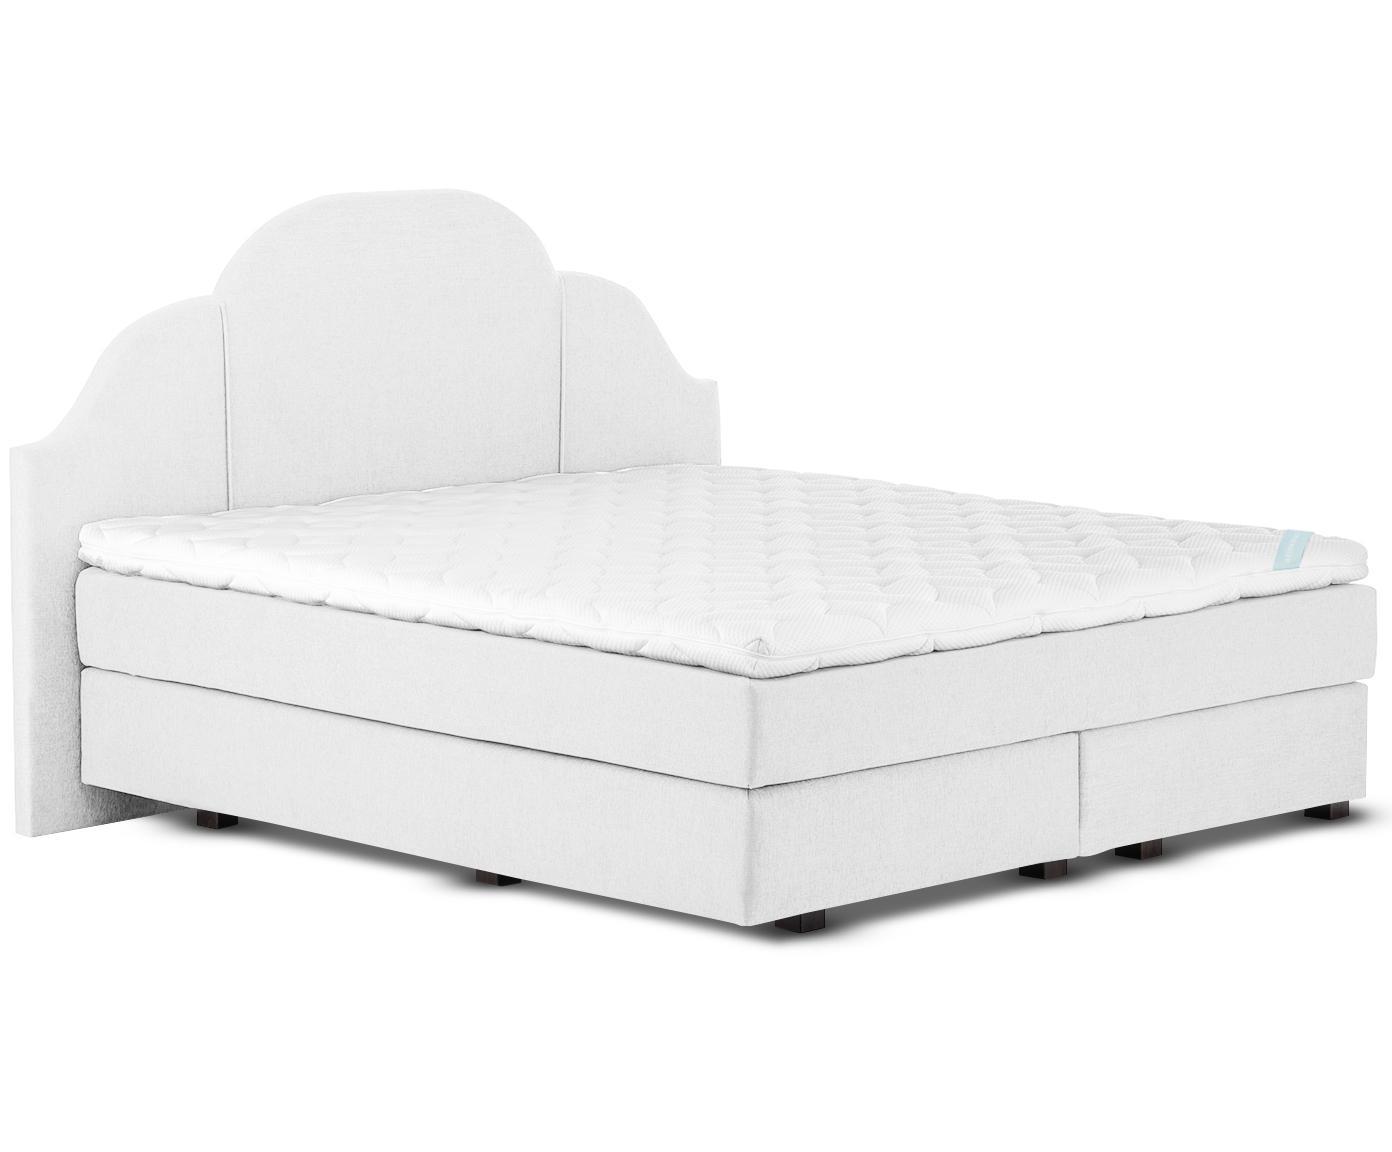 Łóżko kontynentalne premium Gloria, Nogi: lite drewno bukowe, lakie, Jasny szary, 140 x 200 cm